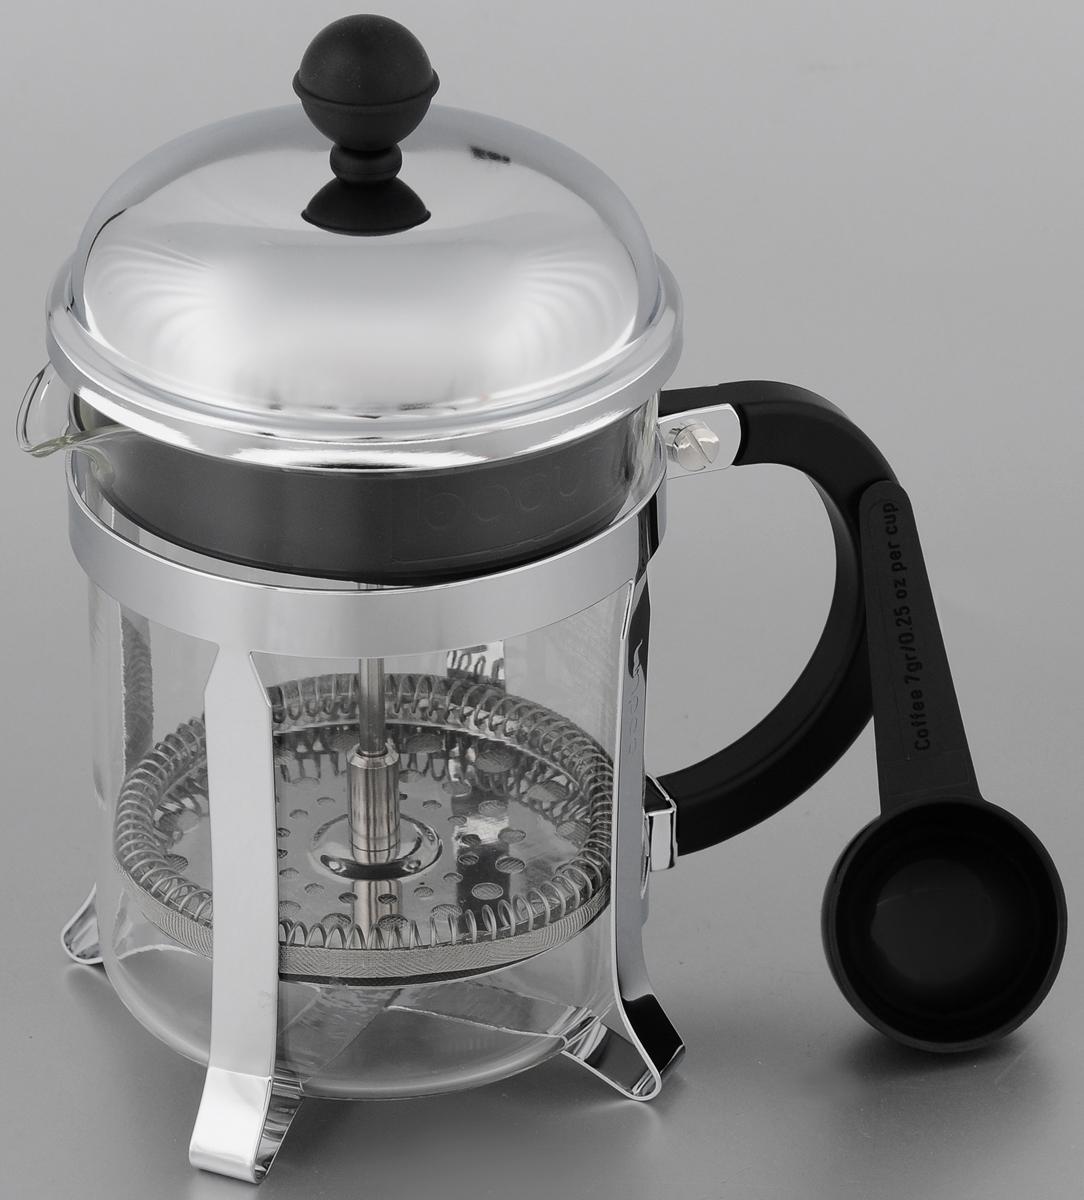 Френч-пресс Bodum Chambord, с мерной ложкой, 500 мл. 1924-161924-16Френч-пресс Bodum Chambord позволит быстро и просто приготовить свежий и ароматный чай или кофе. Корпус изготовлен из высококачественного жаропрочного стекла, устойчивого к окрашиванию, царапинам и термошоку. Фильтр-поршень из нержавеющей стали выполнен по технологии press-up для обеспечения равномерной циркуляции воды. Готовить напитки с помощью френч-пресса очень просто. С помощью мерной ложечки насыпьте внутрь заварку и залейте кипятком. Остановить процесс заваривания легко. Для этого нужно просто опустить поршень, и заварка уйдет вниз, оставляя вверху напиток, готовый к употреблению. Заварочный чайник с прессом - это совершенный чайник для ежедневного использования. Практичный и стильный дизайн полностью соответствует последним модным тенденциям в создании предметов кухонной утвари.Можно мыть в посудомоечной машине.Диаметр френч-пресса (по верхнему краю): 10 см. Высота френч-пресса (с учетом крышки): 19,5 см. Длина ложки: 10 см.